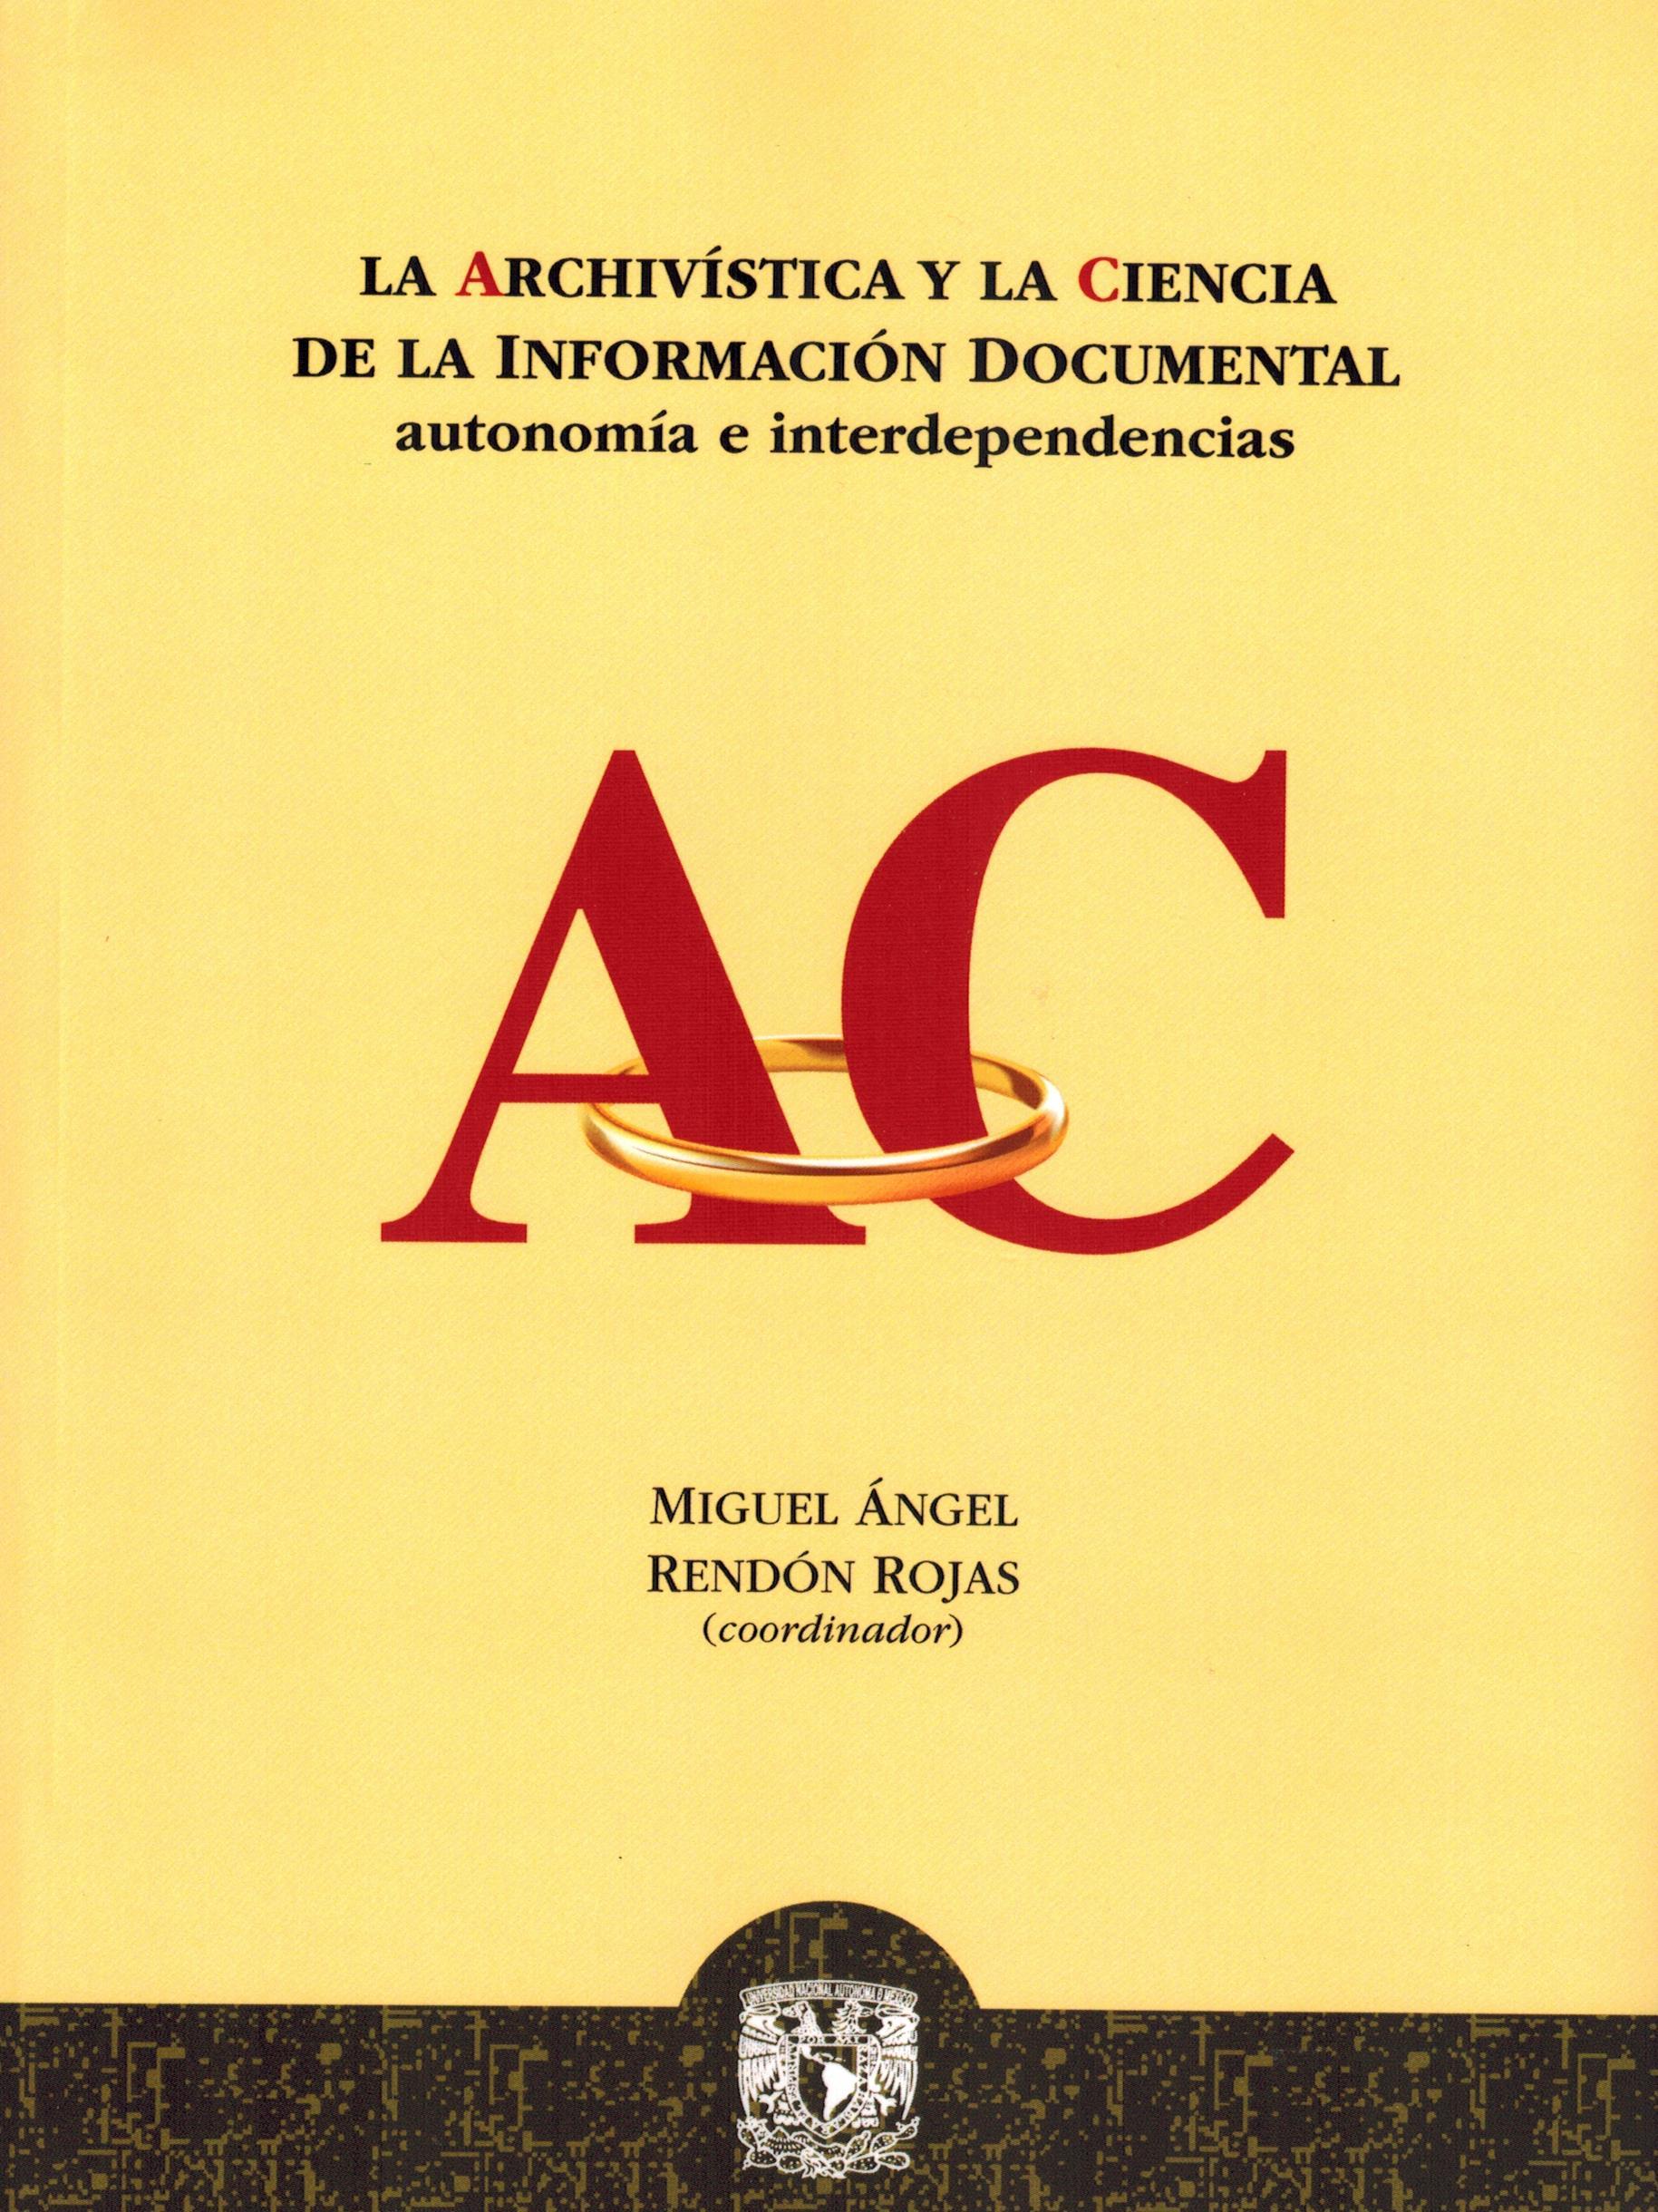 La archivística y la ciencia de la información documental: autonomía e interdependencia